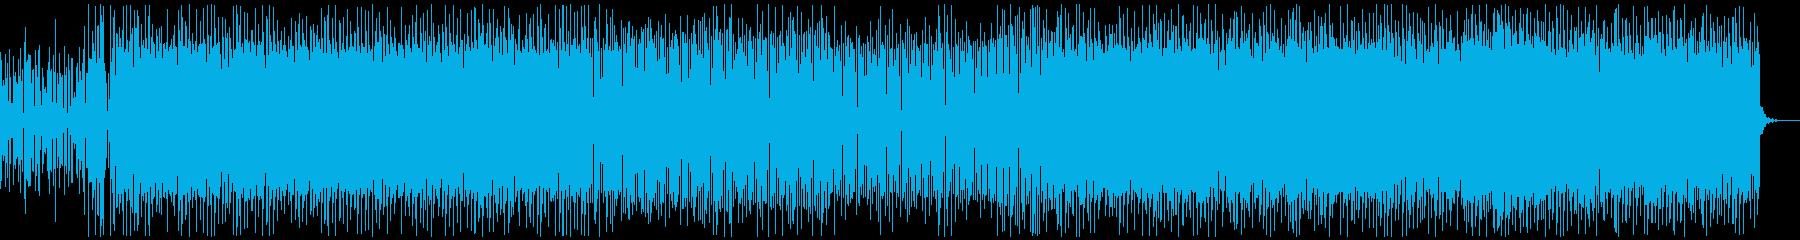 爽やかでほのぼしたEDM南国風BGMの再生済みの波形